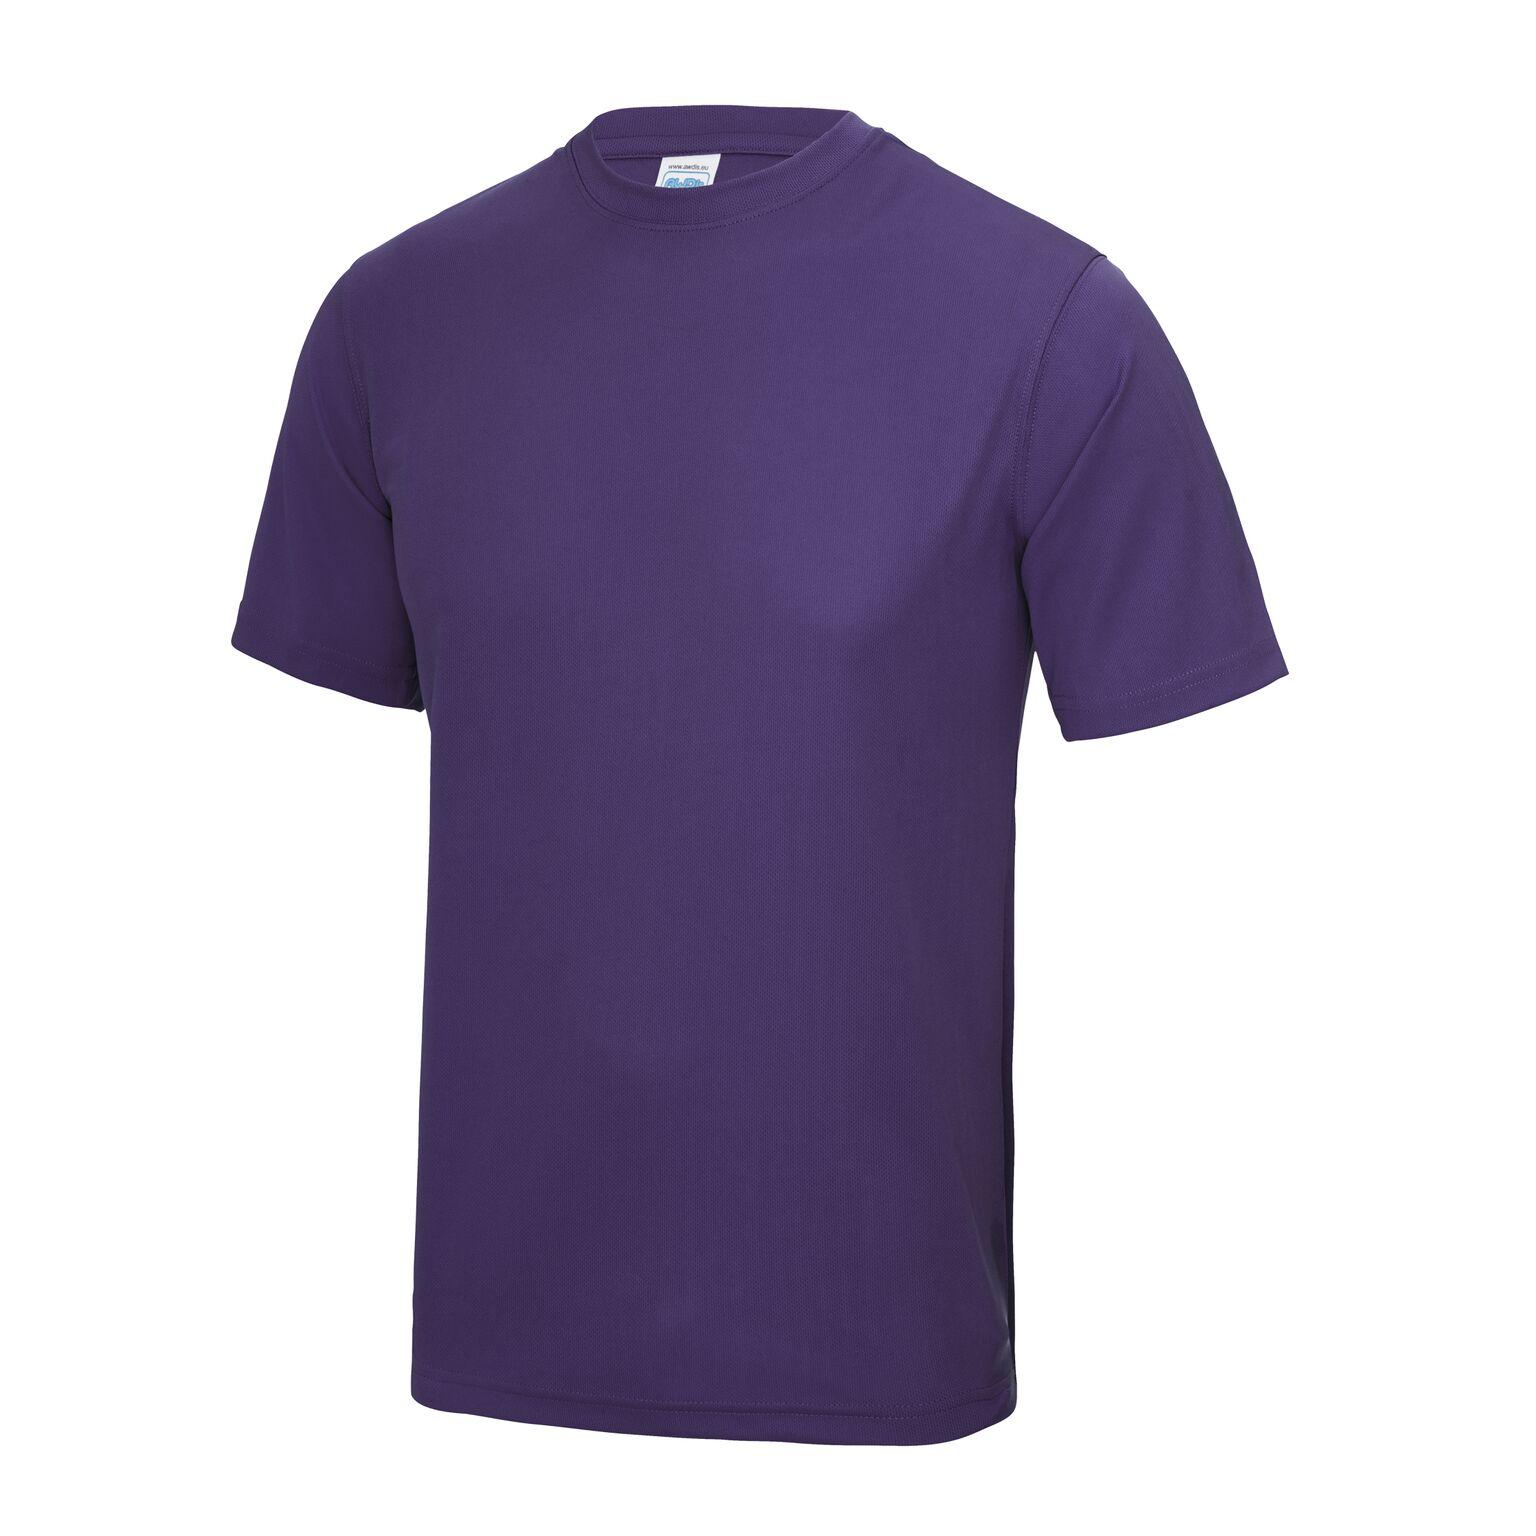 01_jc01j_2_violet--0-0--e39d7451-d706-4262-bbbc-670d78772c9a